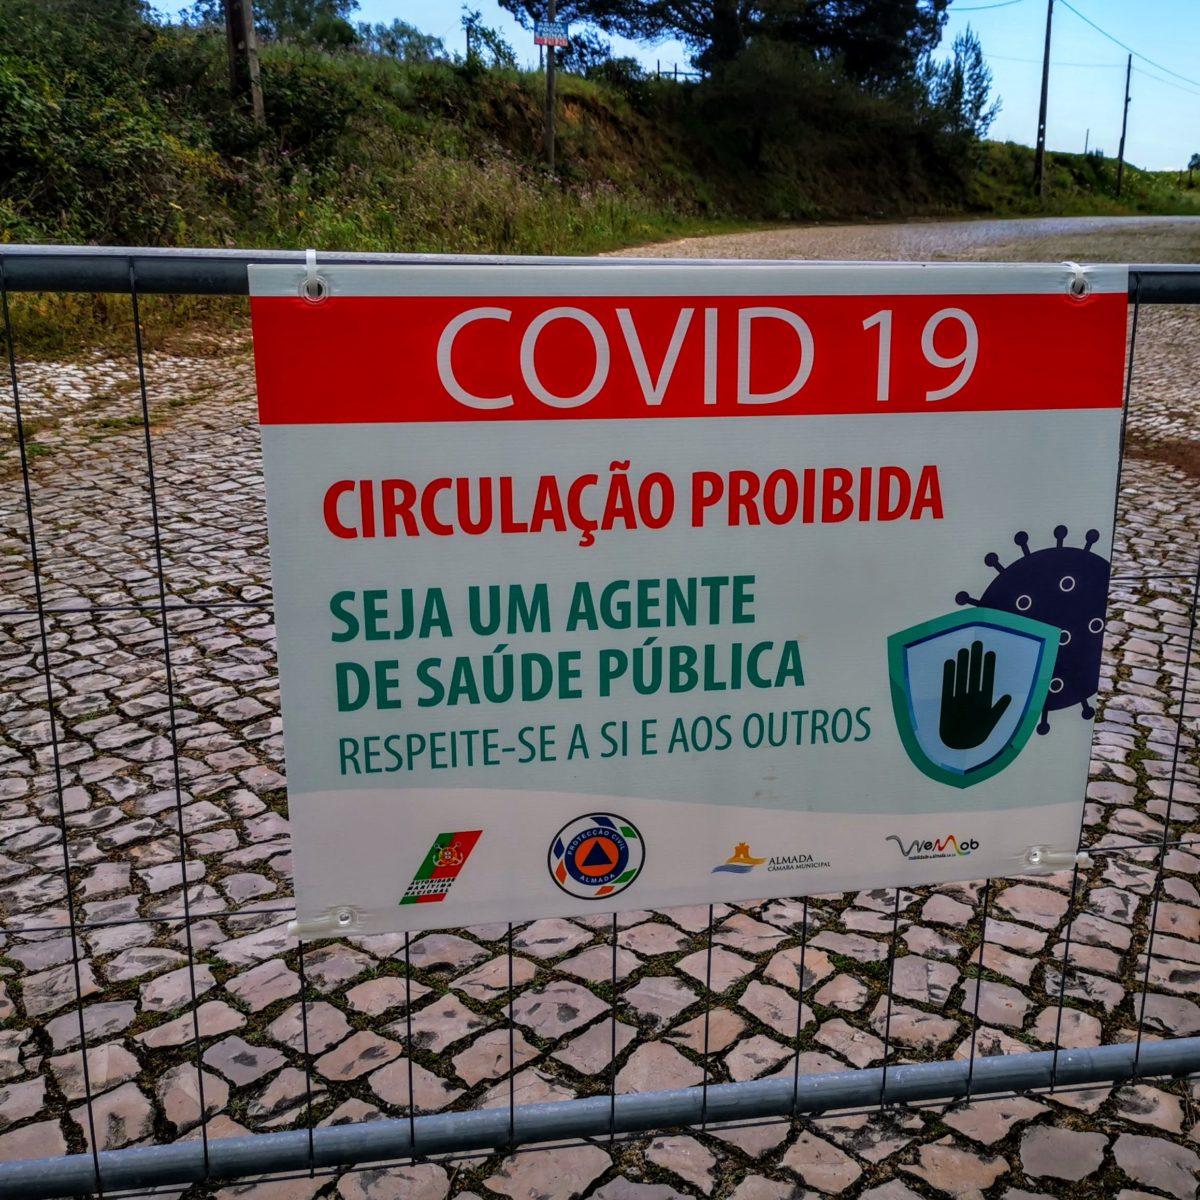 Covid19 Beschränkungen in Portugal